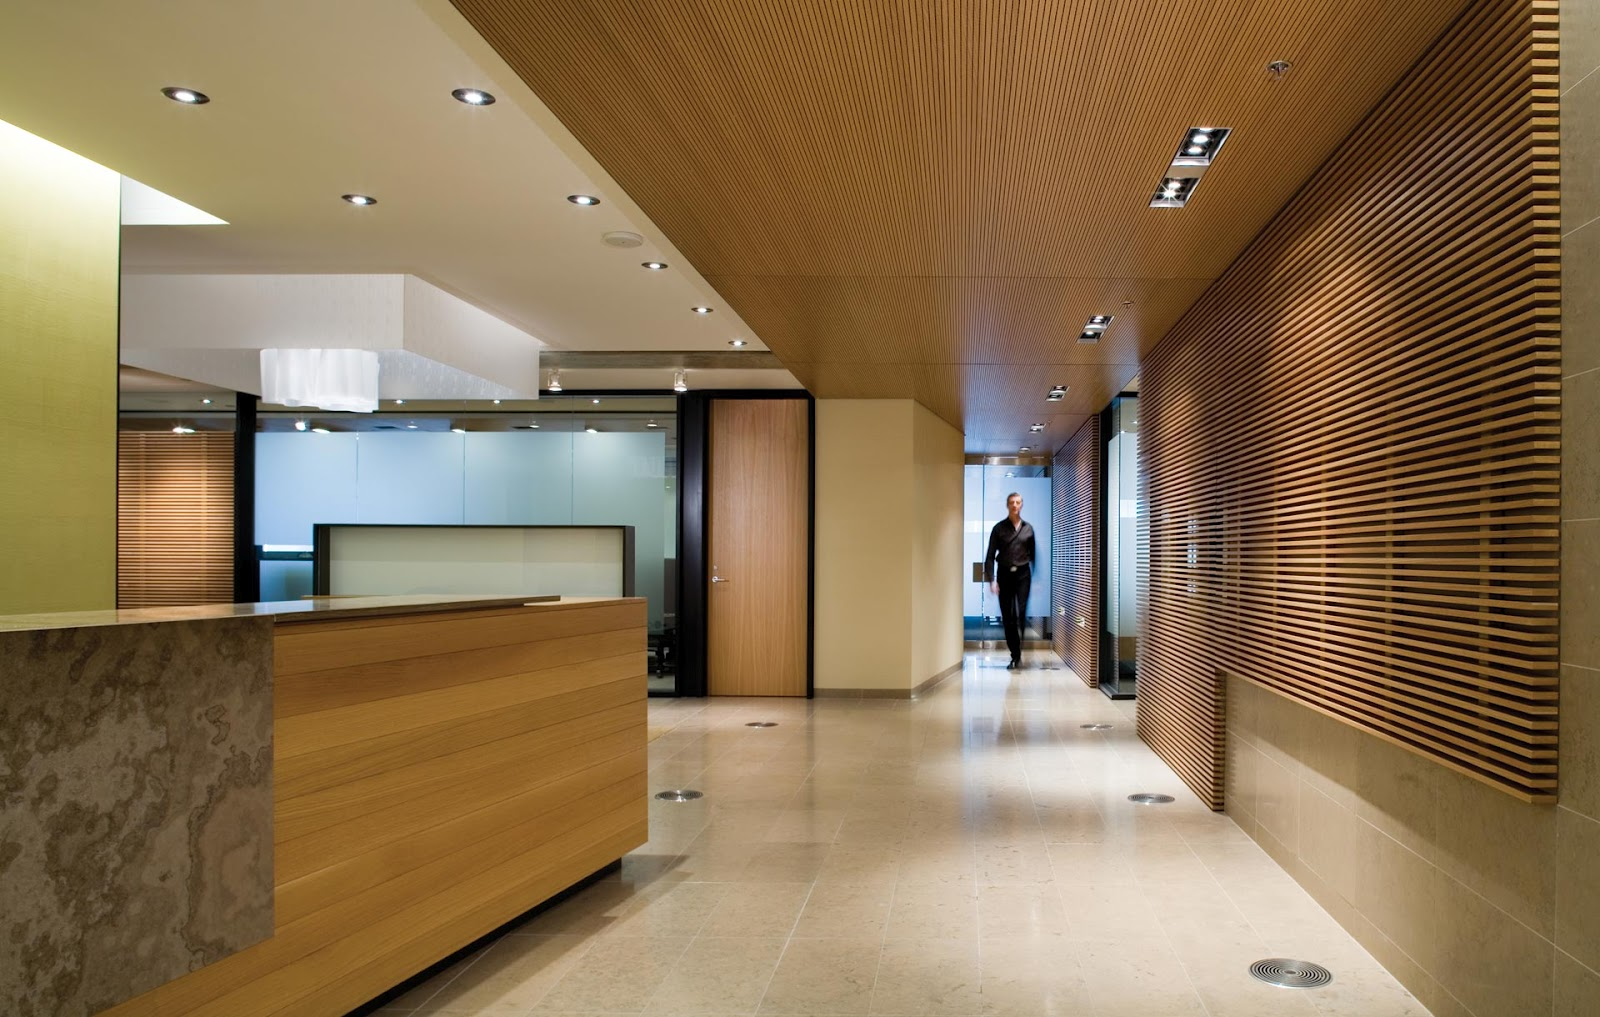 imagine these corporate office interior design | aquilon